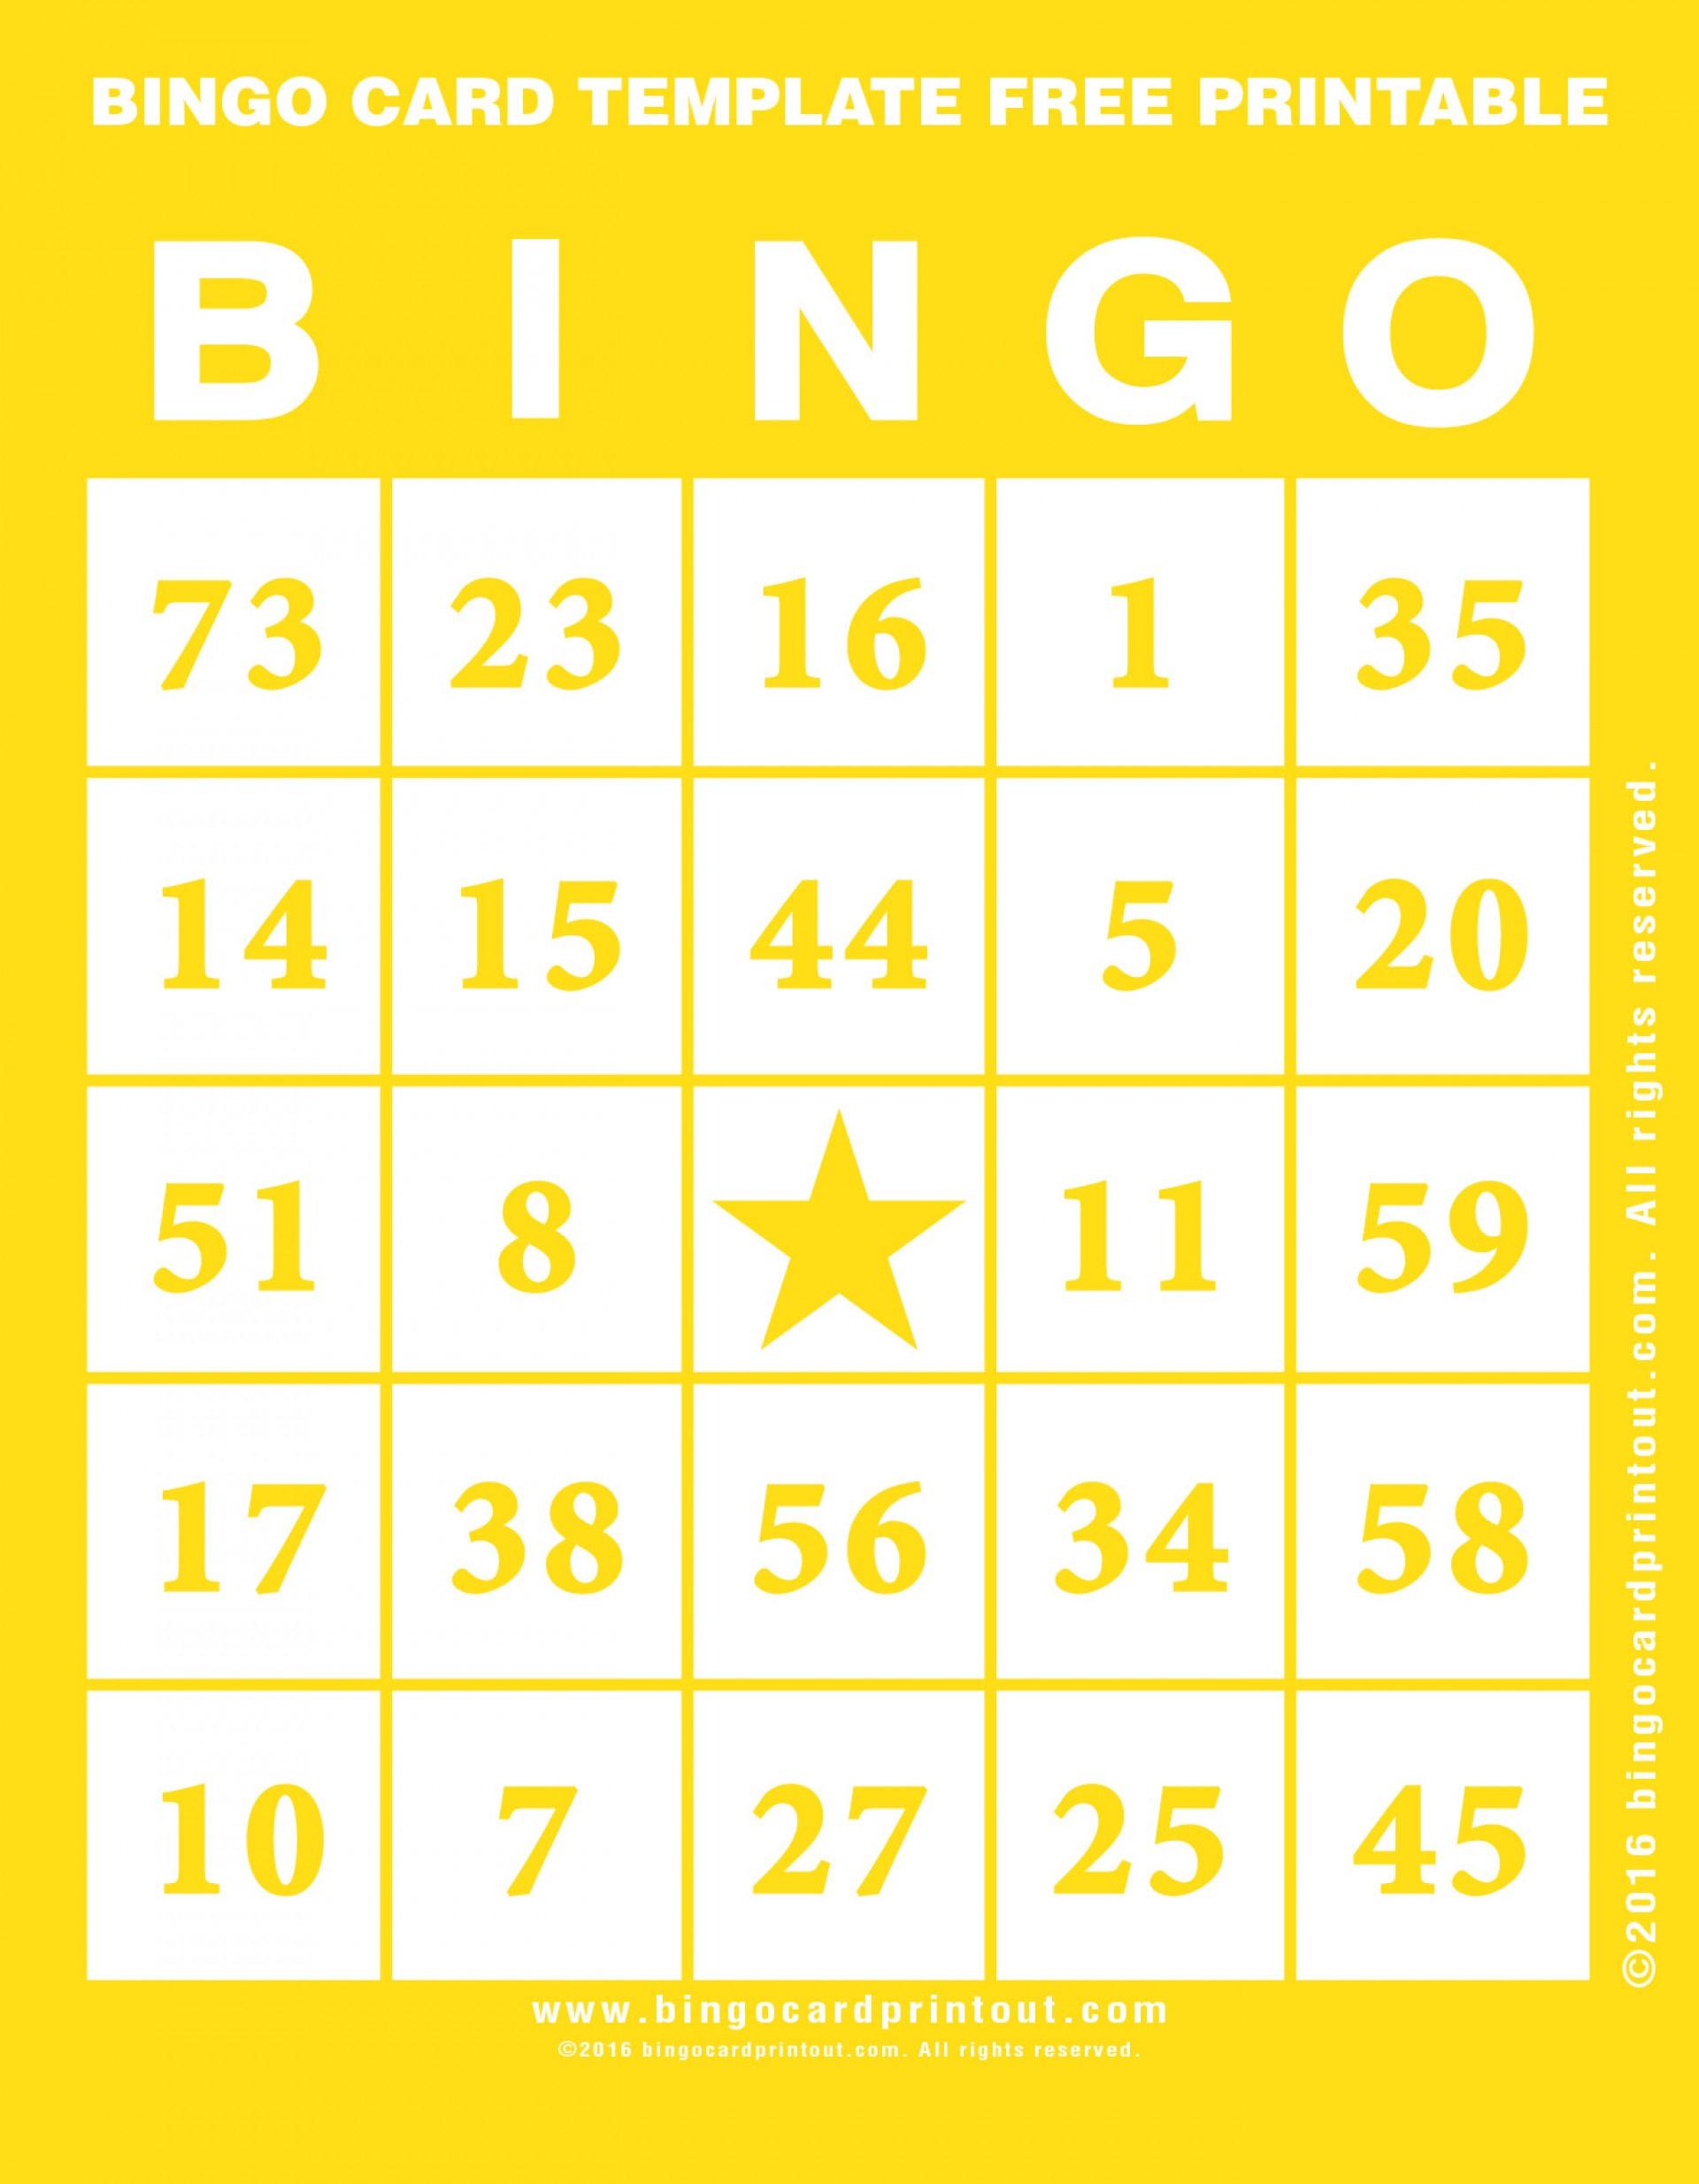 010 Bingo Card Template Free Printable ~ Ulyssesroom - Free Printable Bingo Cards For Teachers